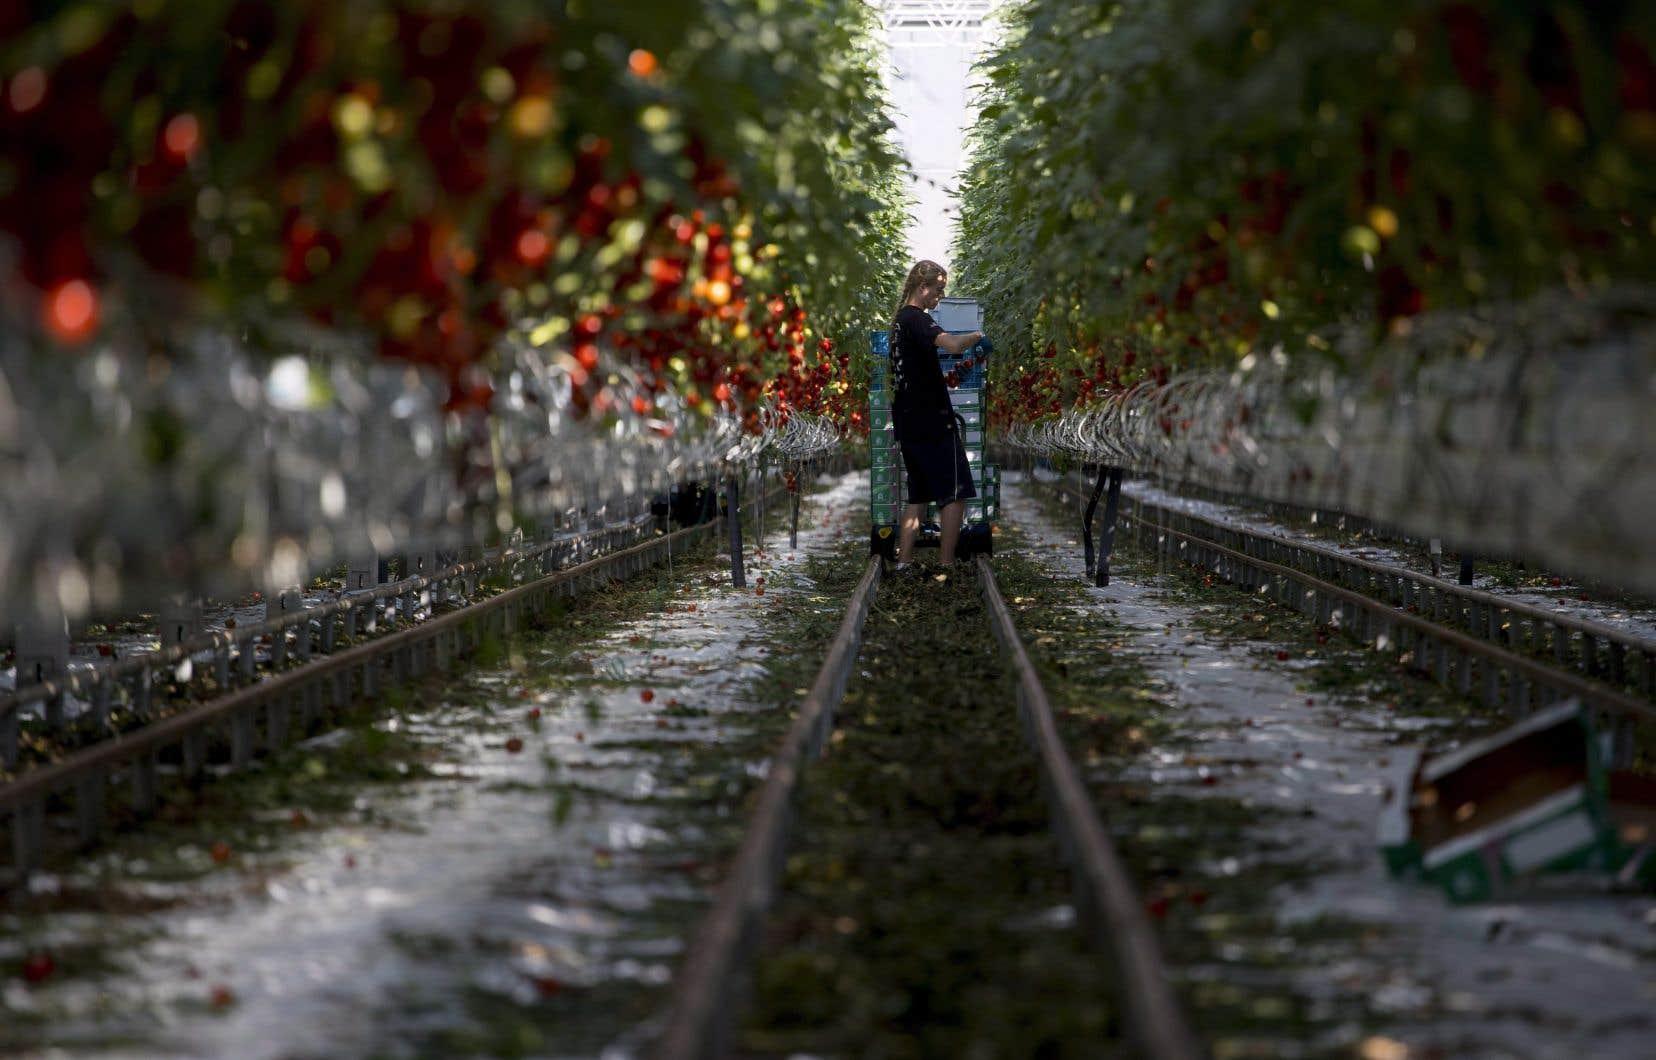 Les entreprises productrices de plantes ornementales et de plants de légumes embauchent au début du printemps des travailleurs temporaires, souvent payés à un salaire à peine plus élevé que le salaire minimum.